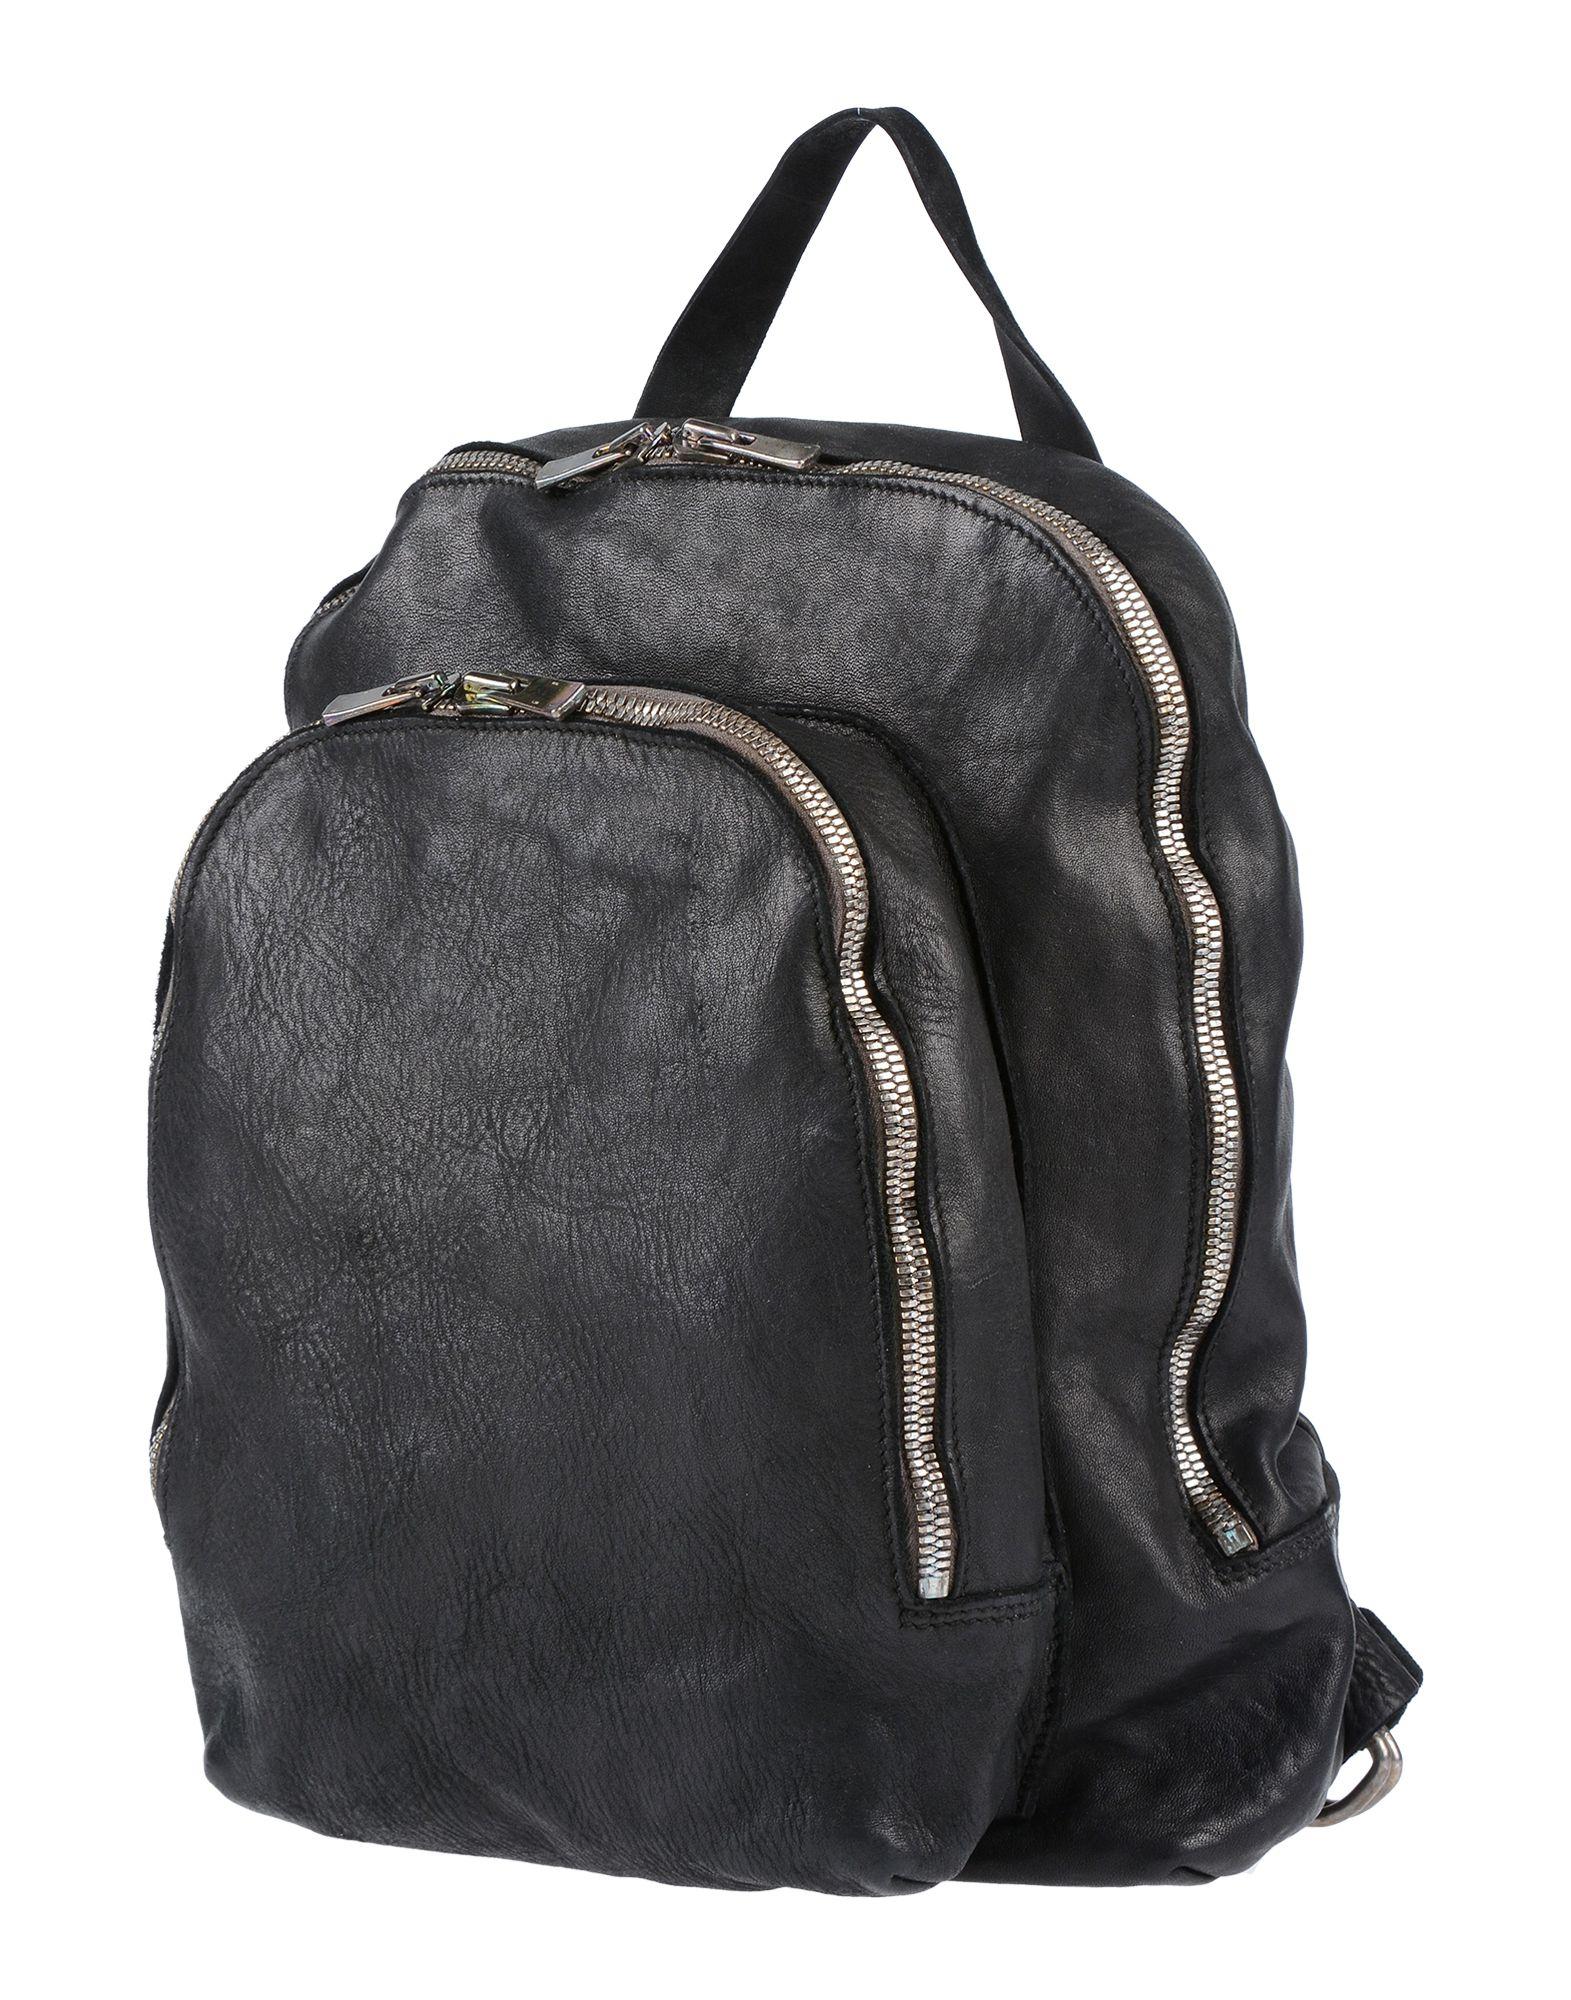 Фото - GUIDI Рюкзаки и сумки на пояс к 2015 году женщин кожа сумки известных брендов винтаж дизайнером леди messenger сумки случайные крупных tote сумку bolsa feminina